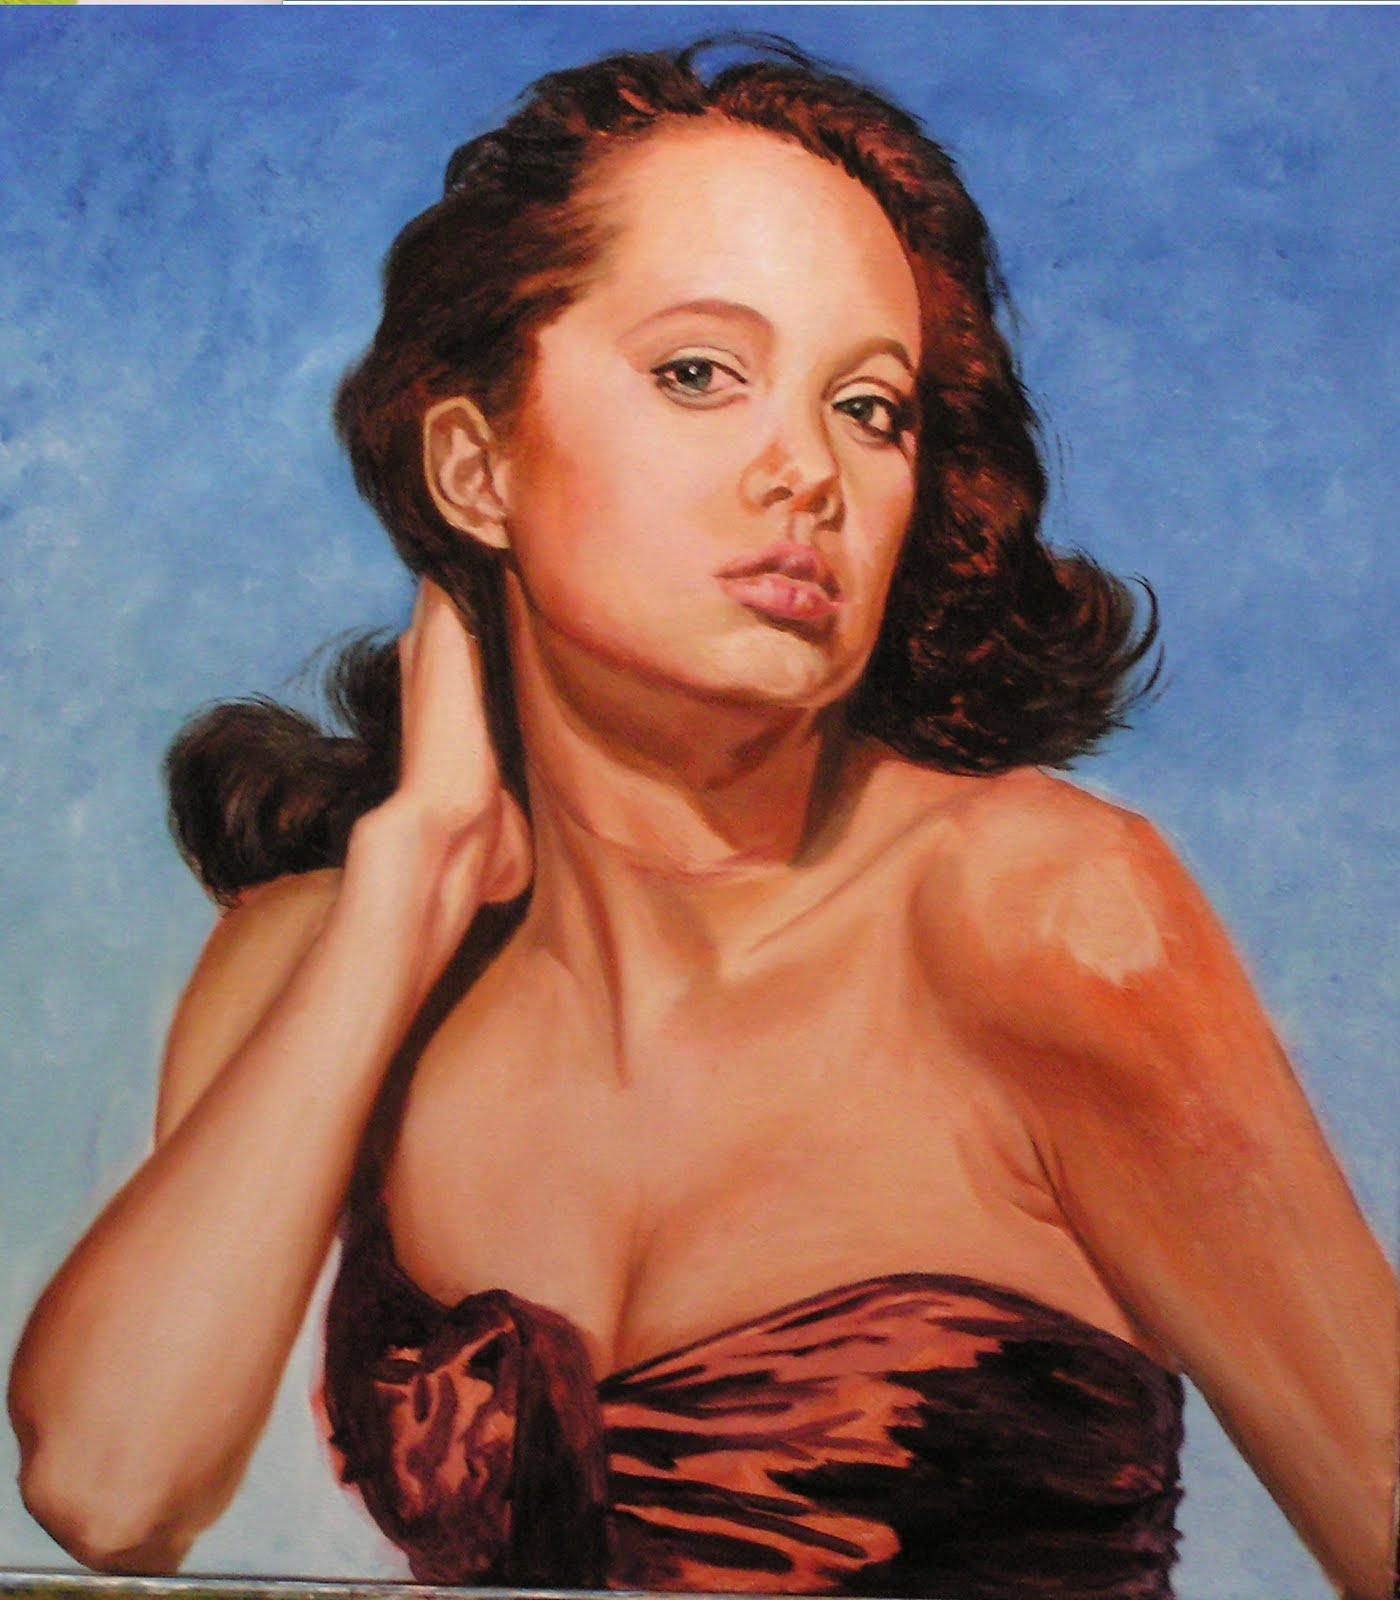 Amando oleo sobre lienzo retrato paso a paso - Retrato oleo paso a paso ...